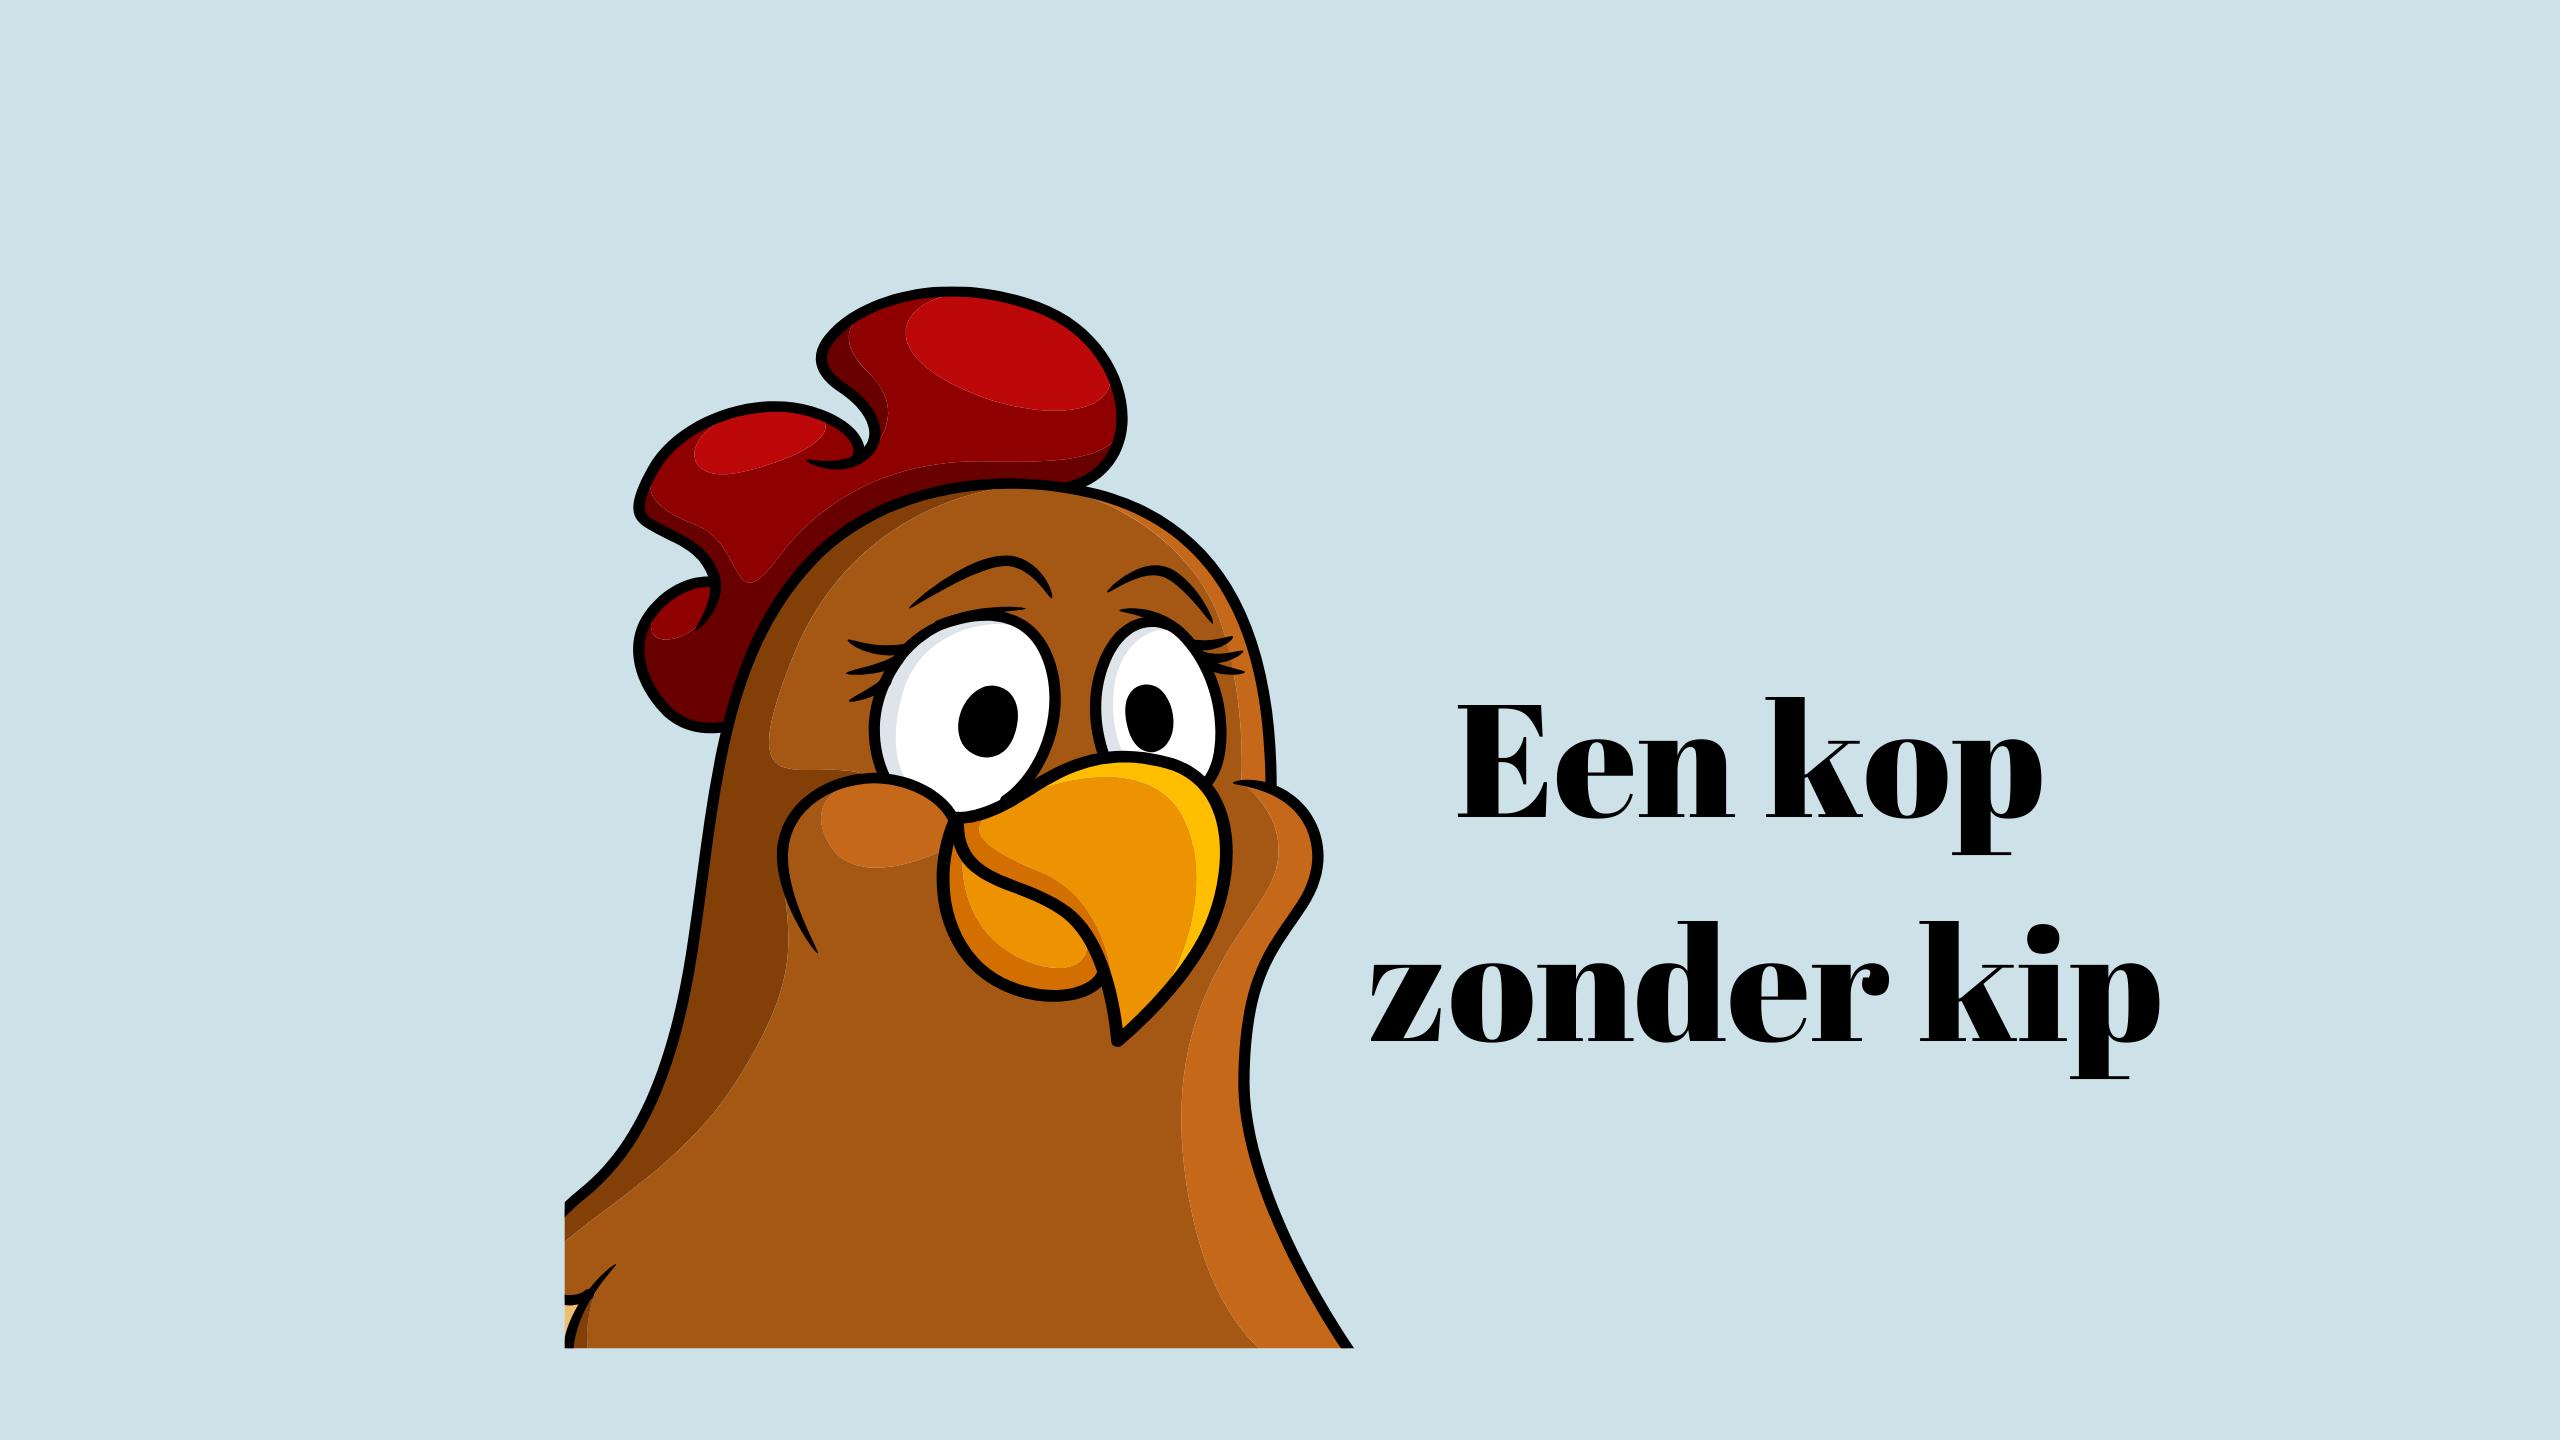 Een kop zonder kip